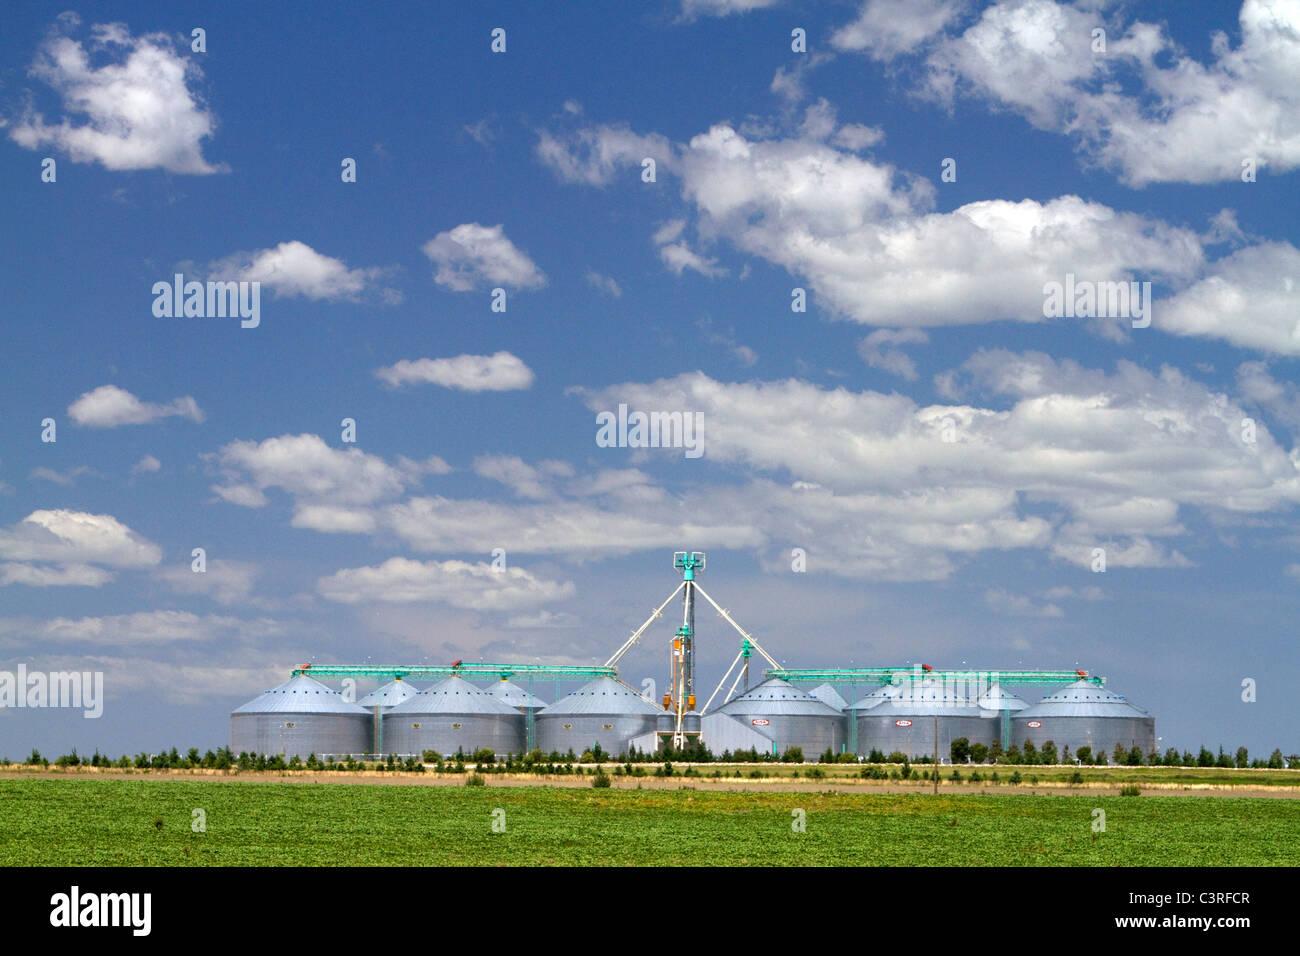 Les silos à grains et des terres agricoles sur les pampas de l'Argentine. Photo Stock